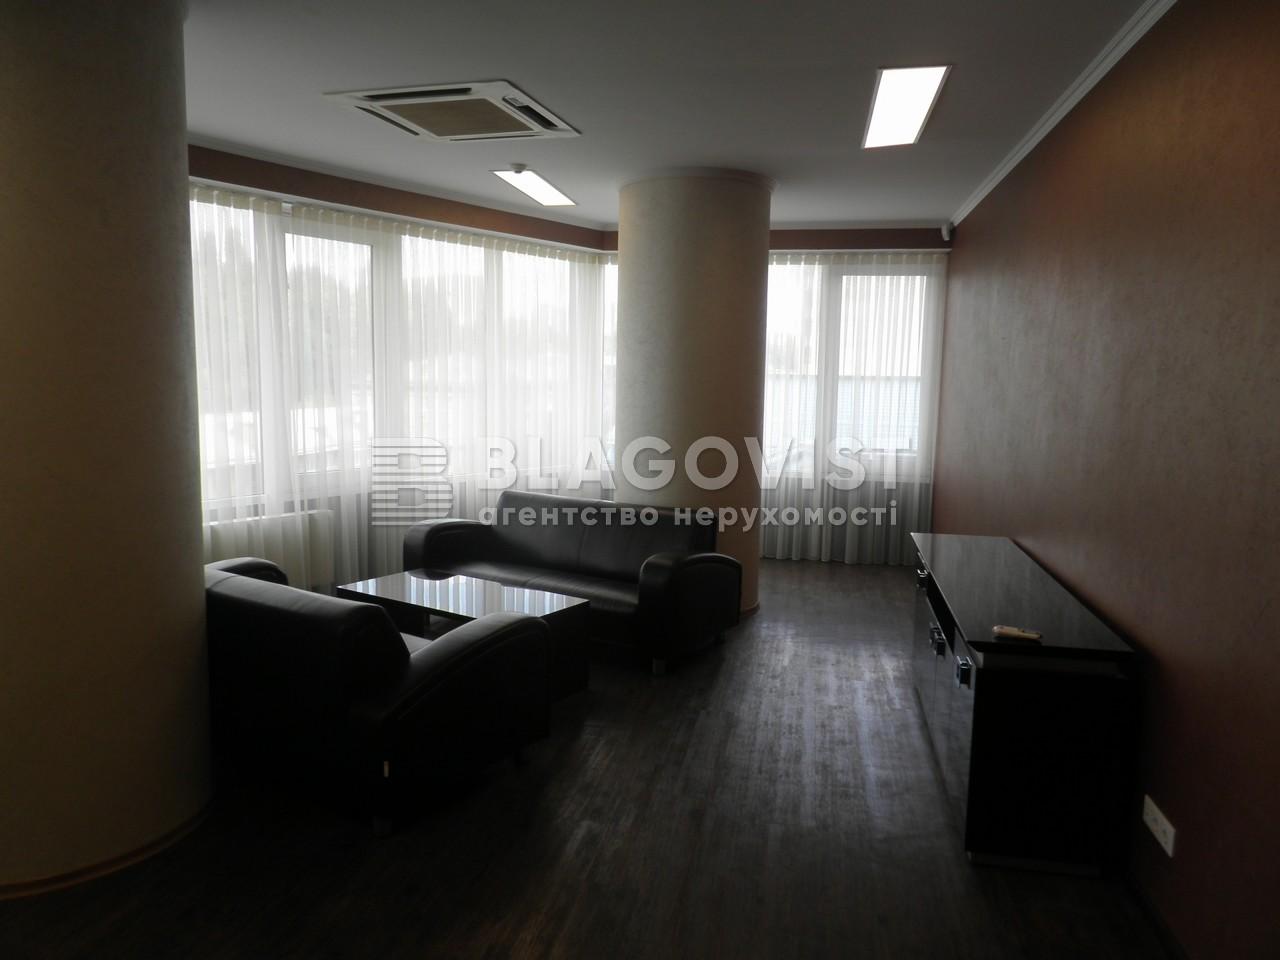 Офис, F-35747, Кловский спуск, Киев - Фото 12